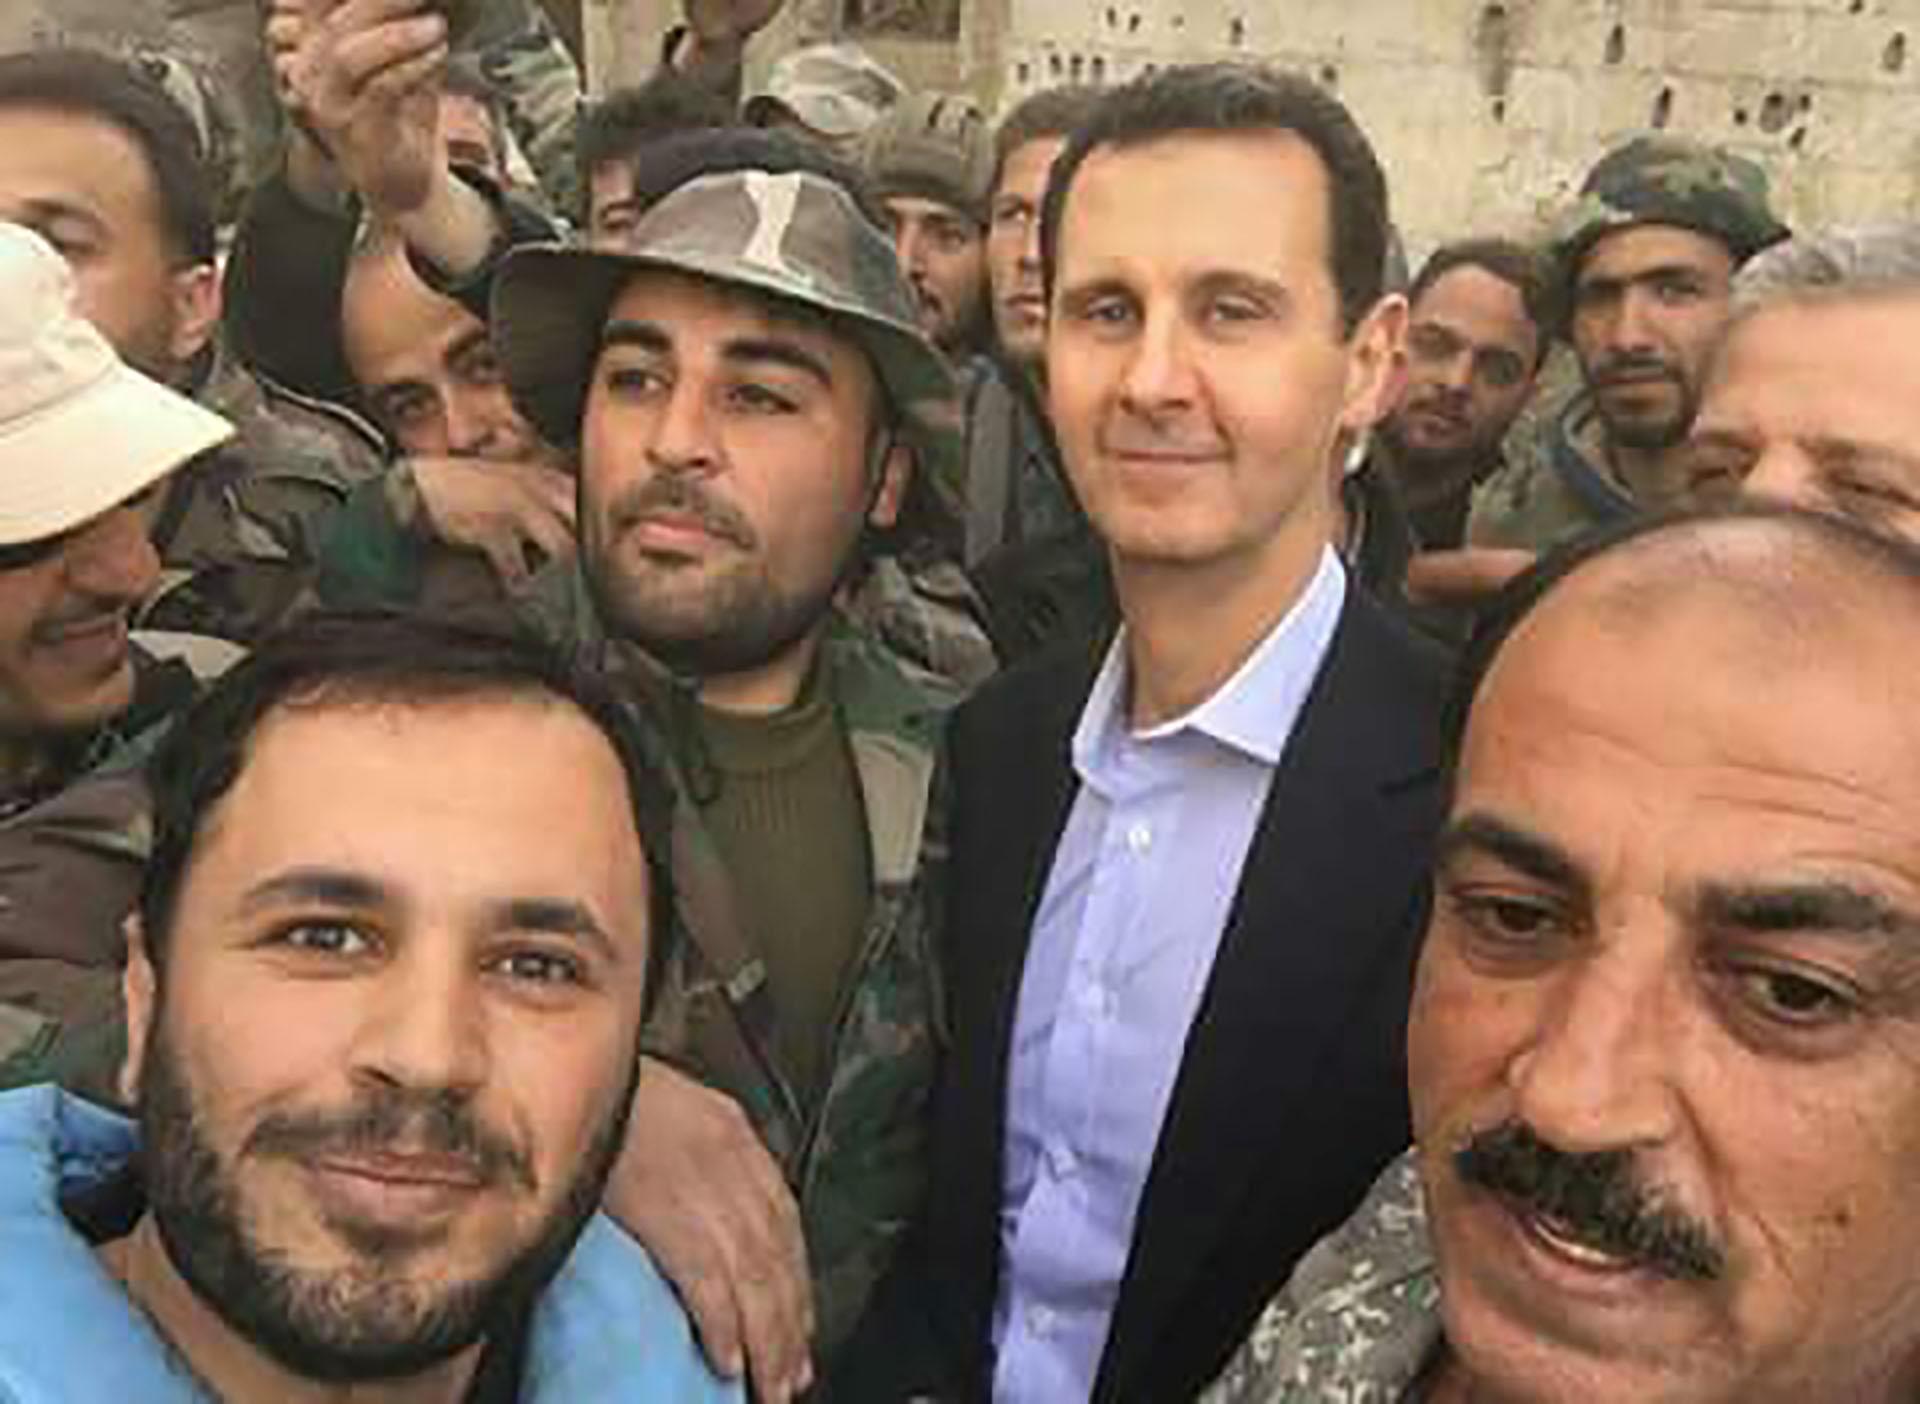 El dictador Bashar al Assad juntos a sus tropas